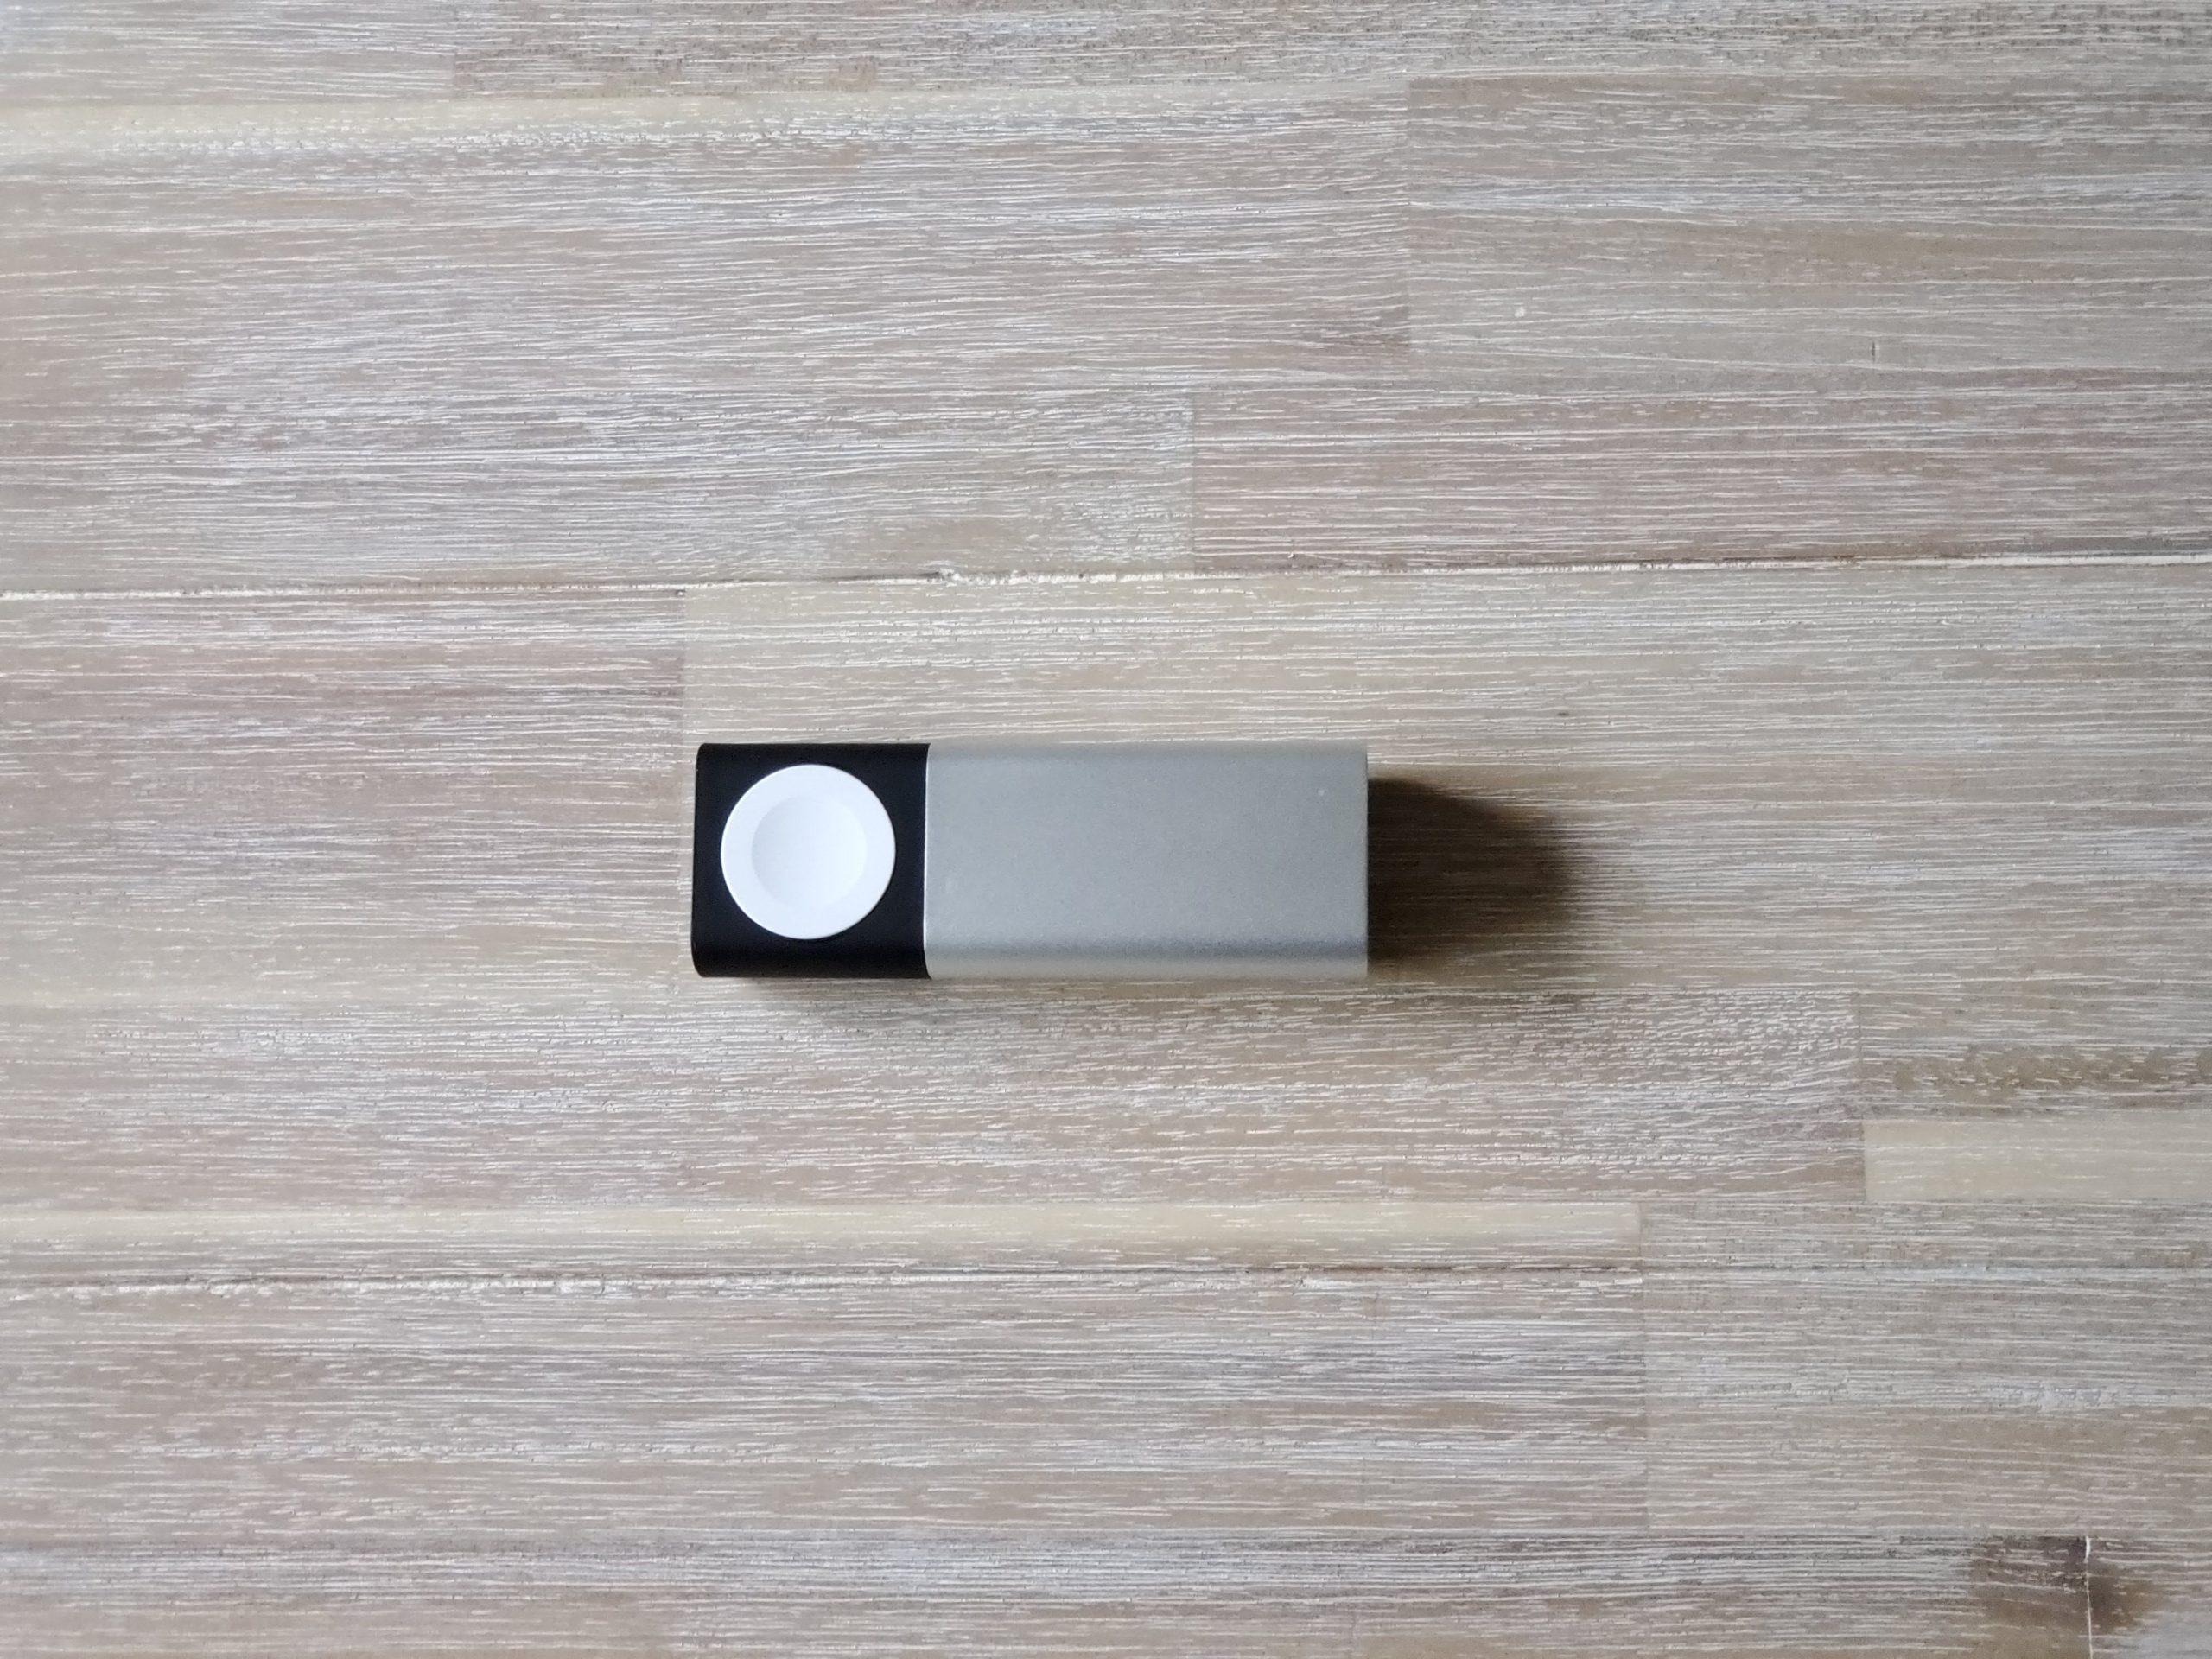 ベルキン Apple Watch対応モバイルバッテリー Valet Chargerを購入レビュー